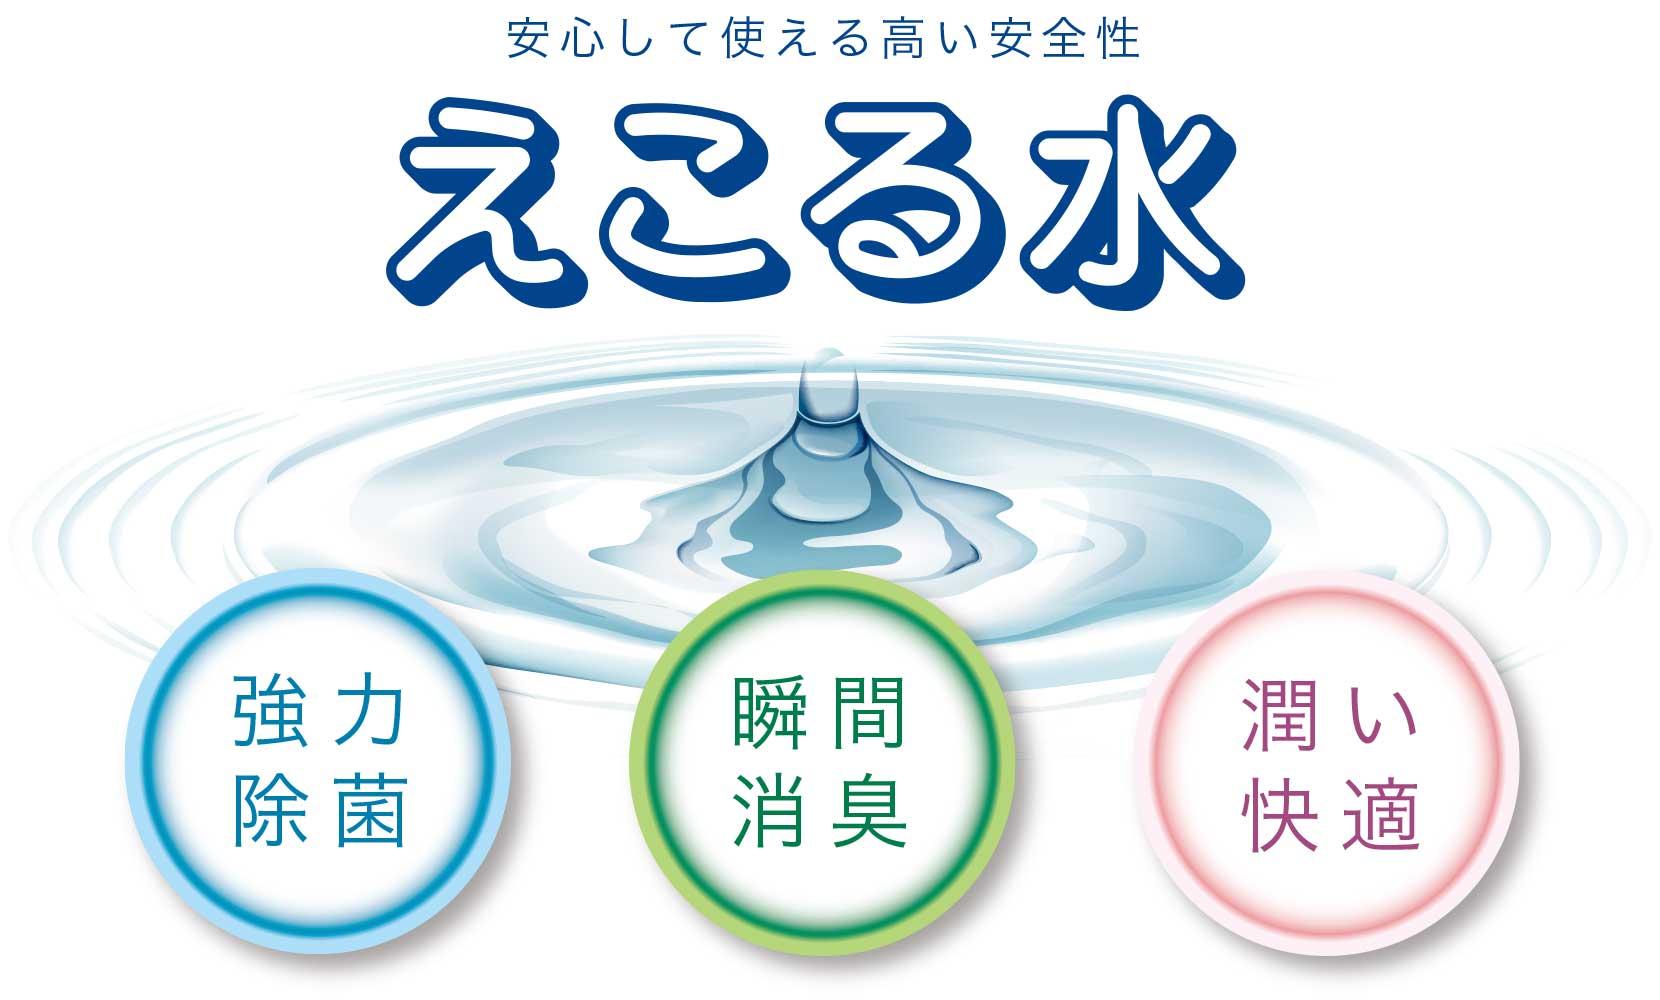 安心して使える高い安全性「えこる水」